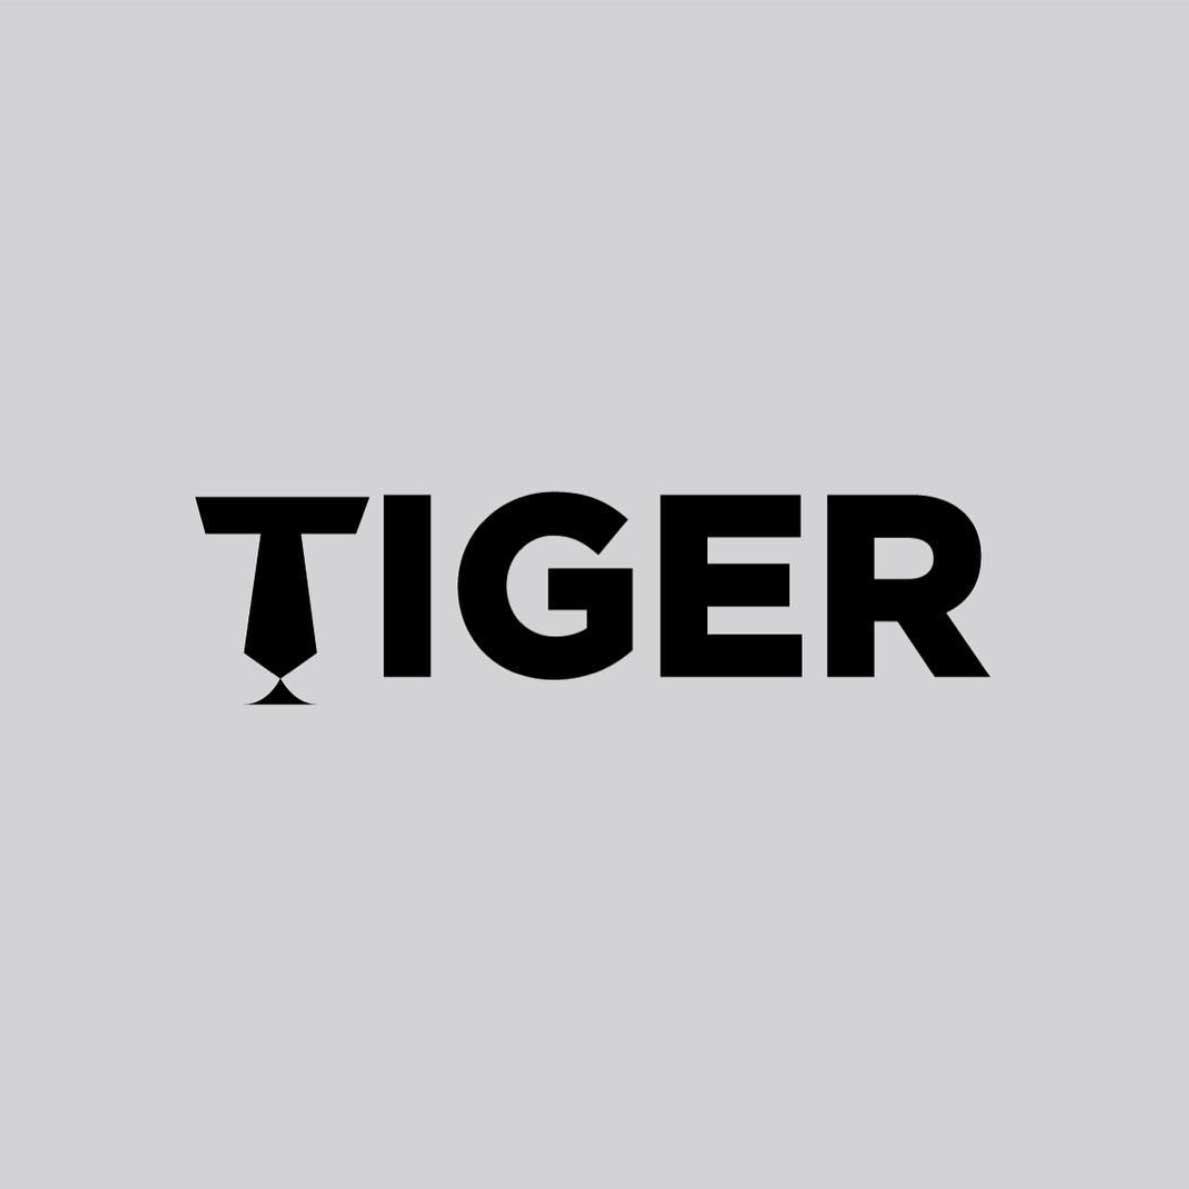 Daniel Carlmatz erstellt jeden Tag ein smartes Logo